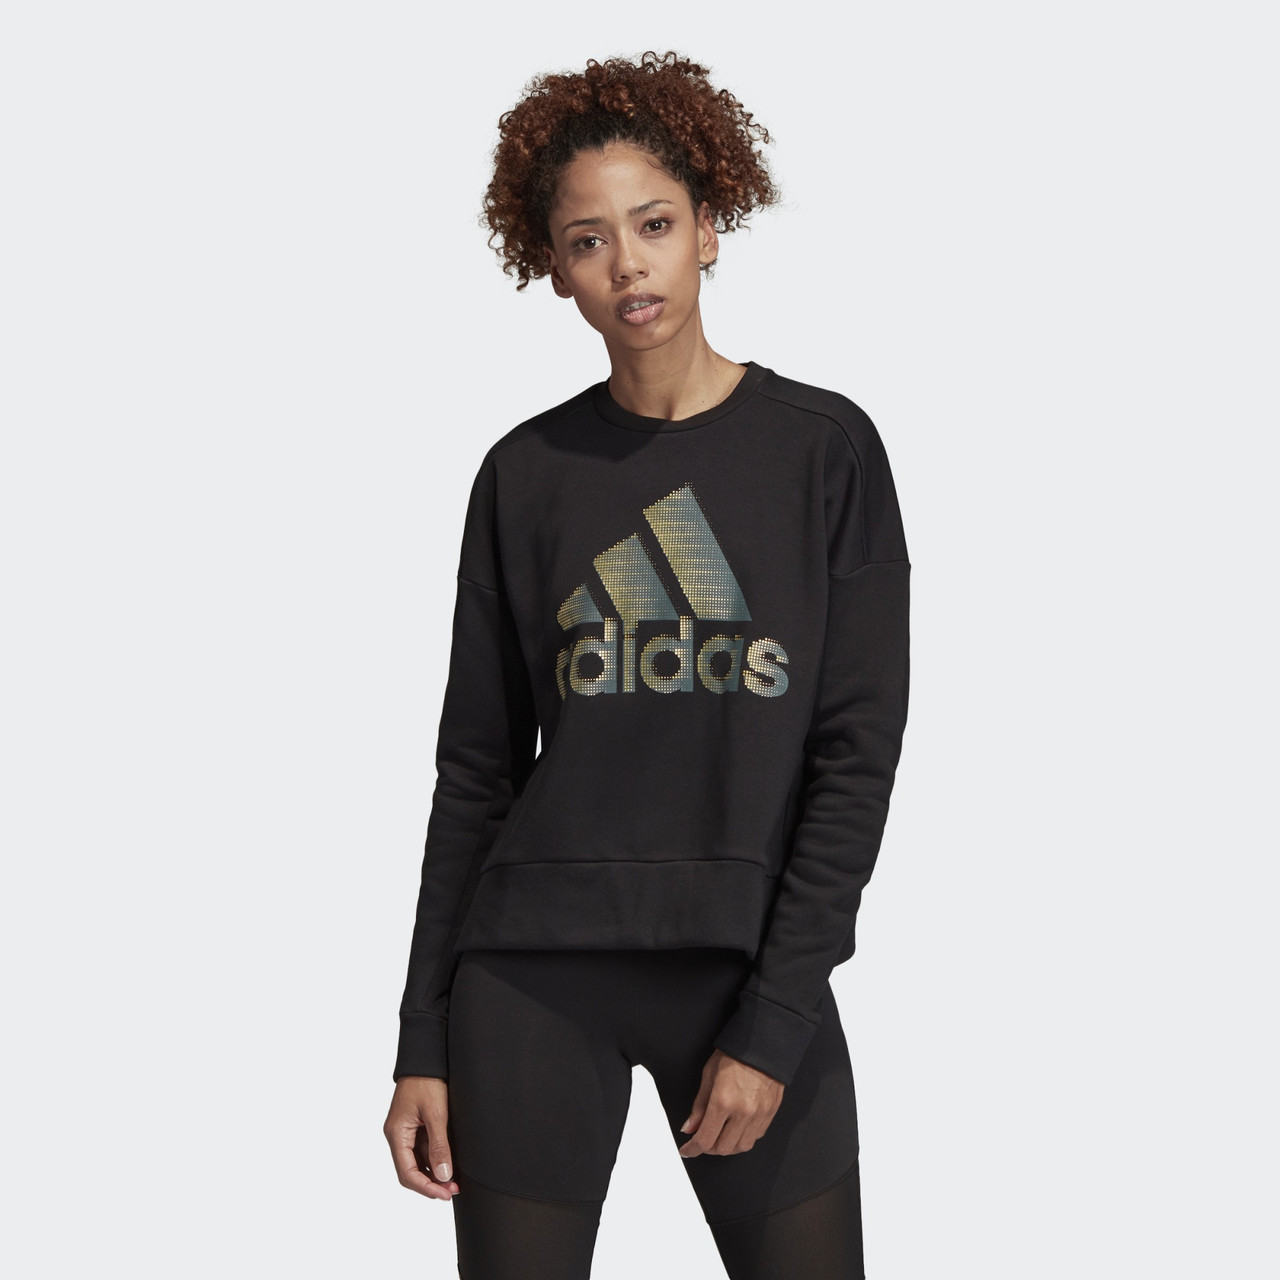 Adidas Женский свитшот - Е2